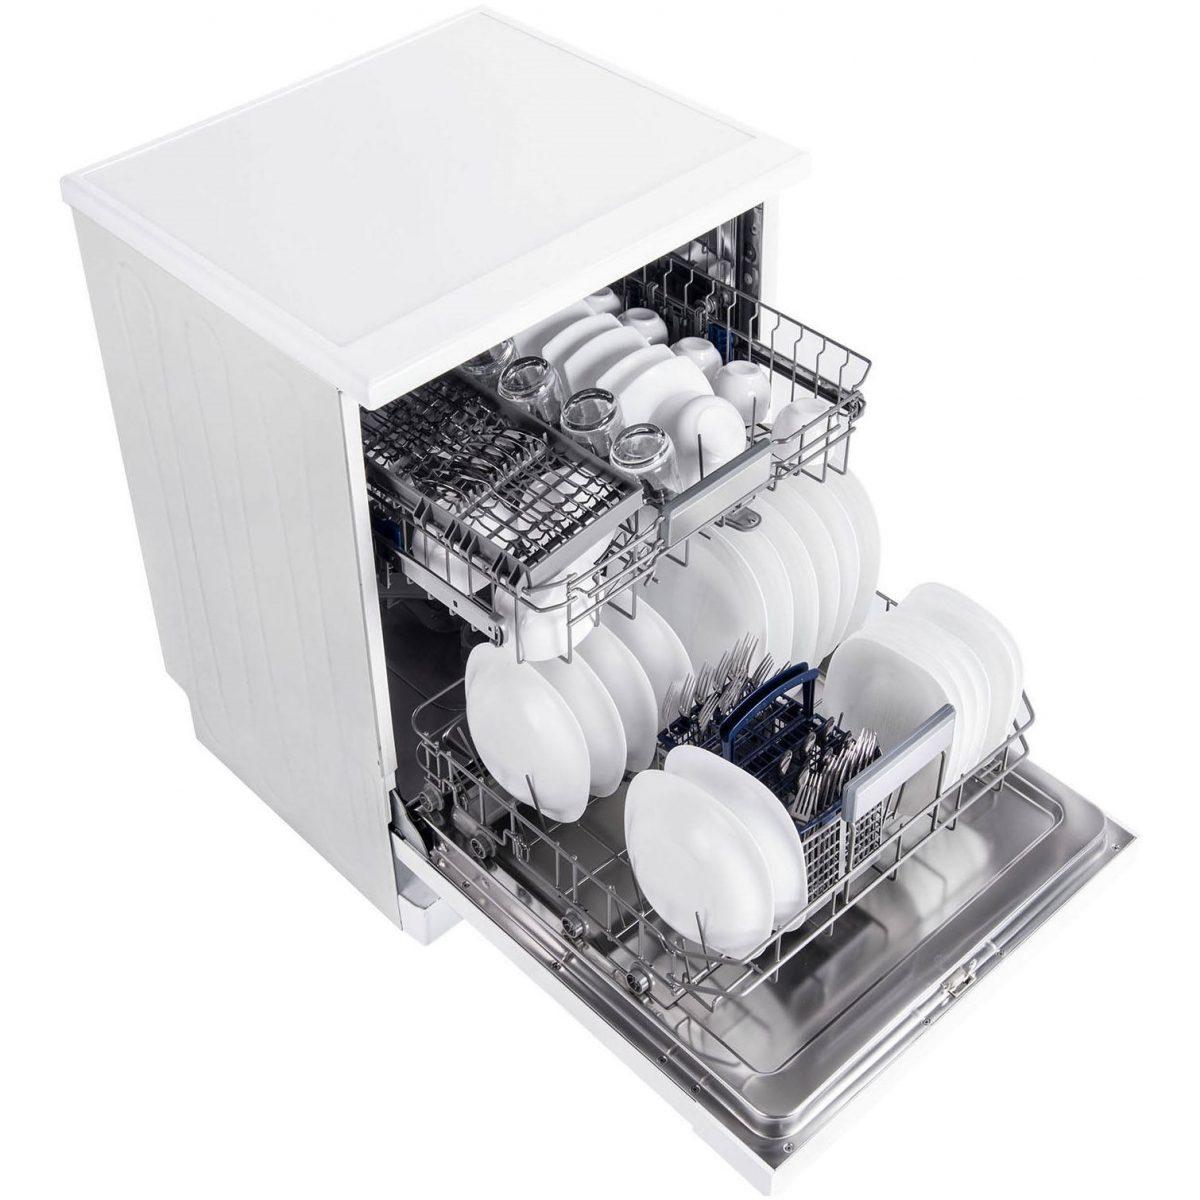 ماشین ظرفشویی اسنوا مدل SWD-226 W با گارانتی انتخاب سرویس